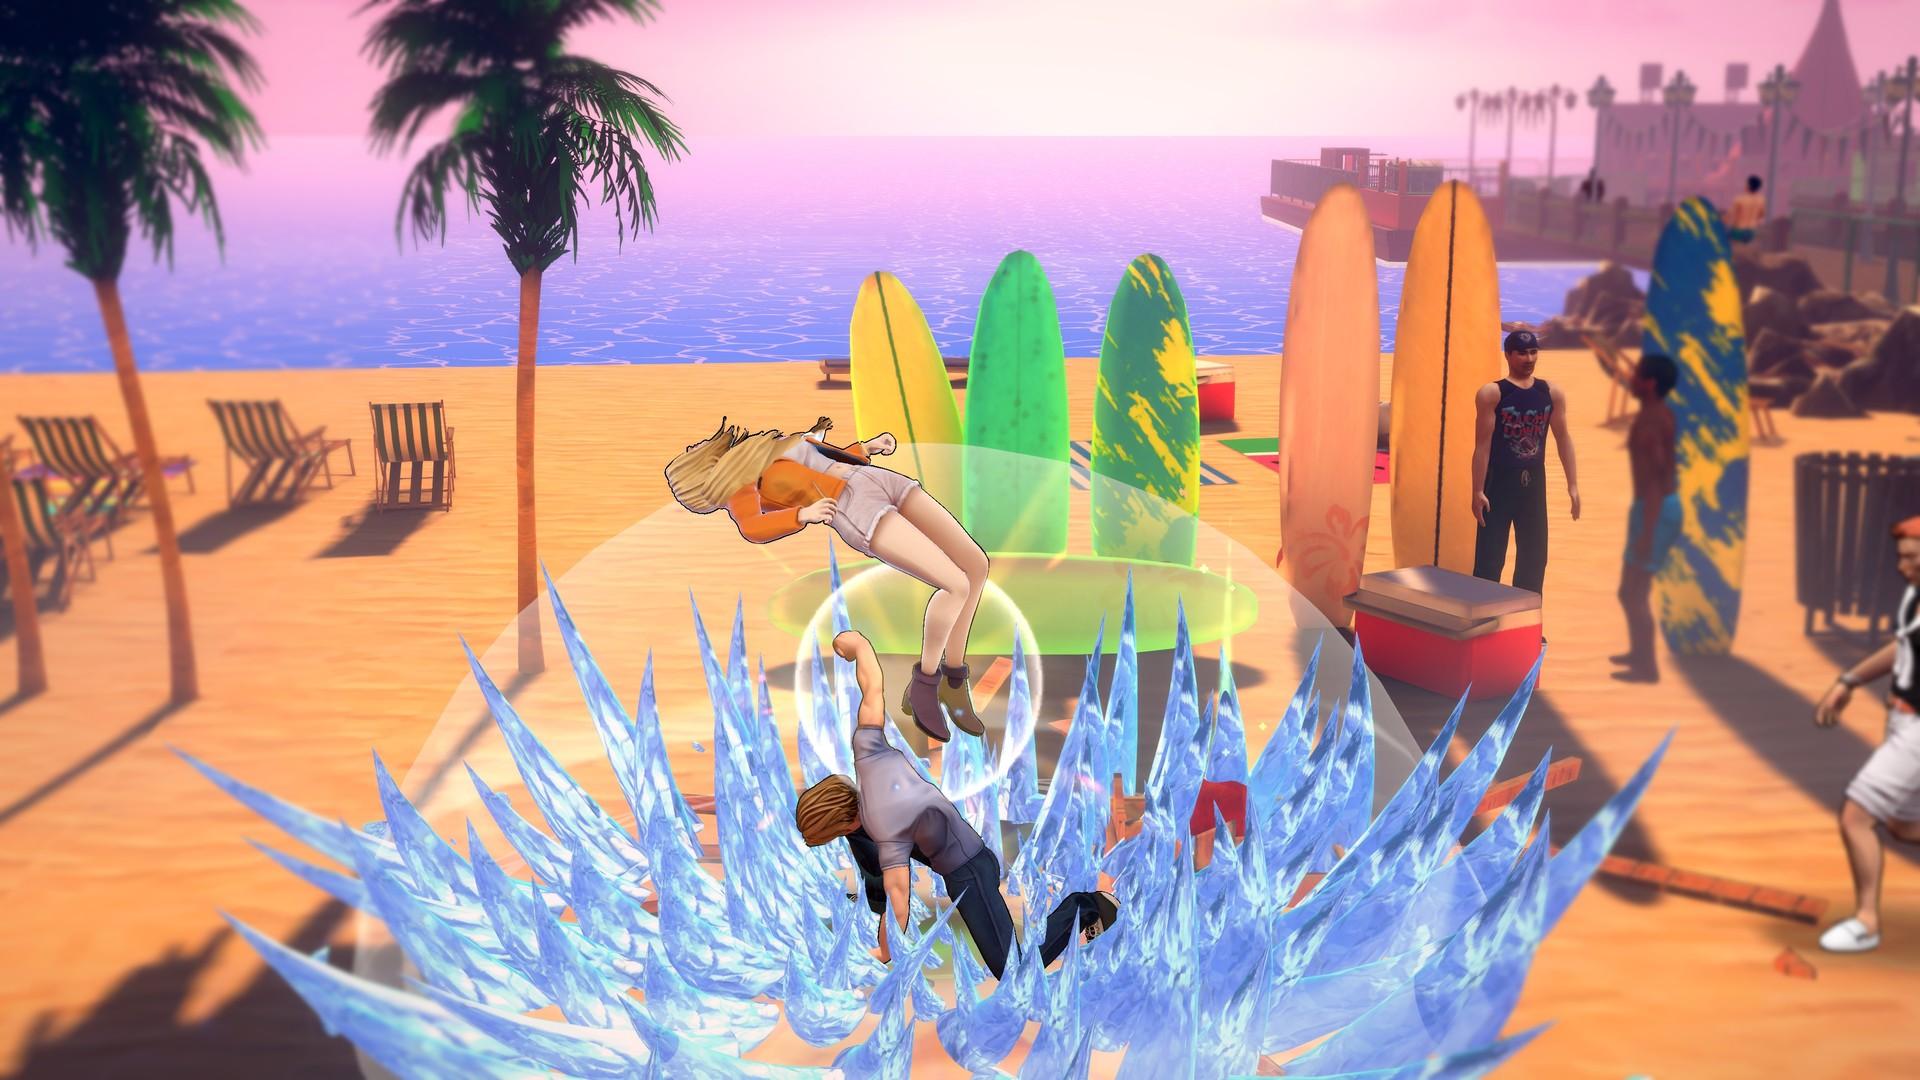 cobra-kai-the-karate-kid-saga-continues-pc-screenshot-01